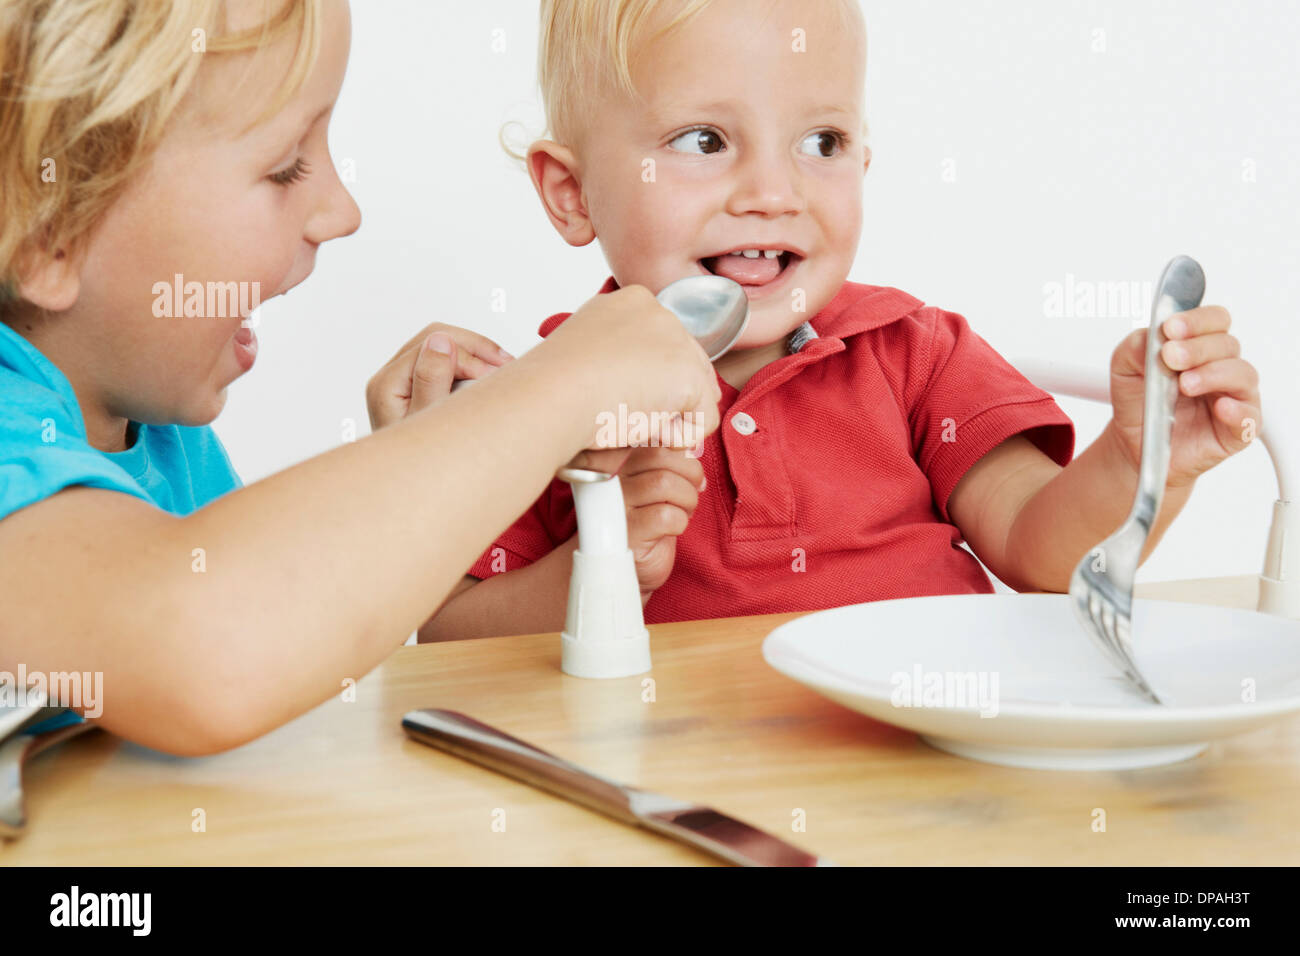 Due giovani ragazzi a tavola, una finta di alimentare le altre Foto Stock